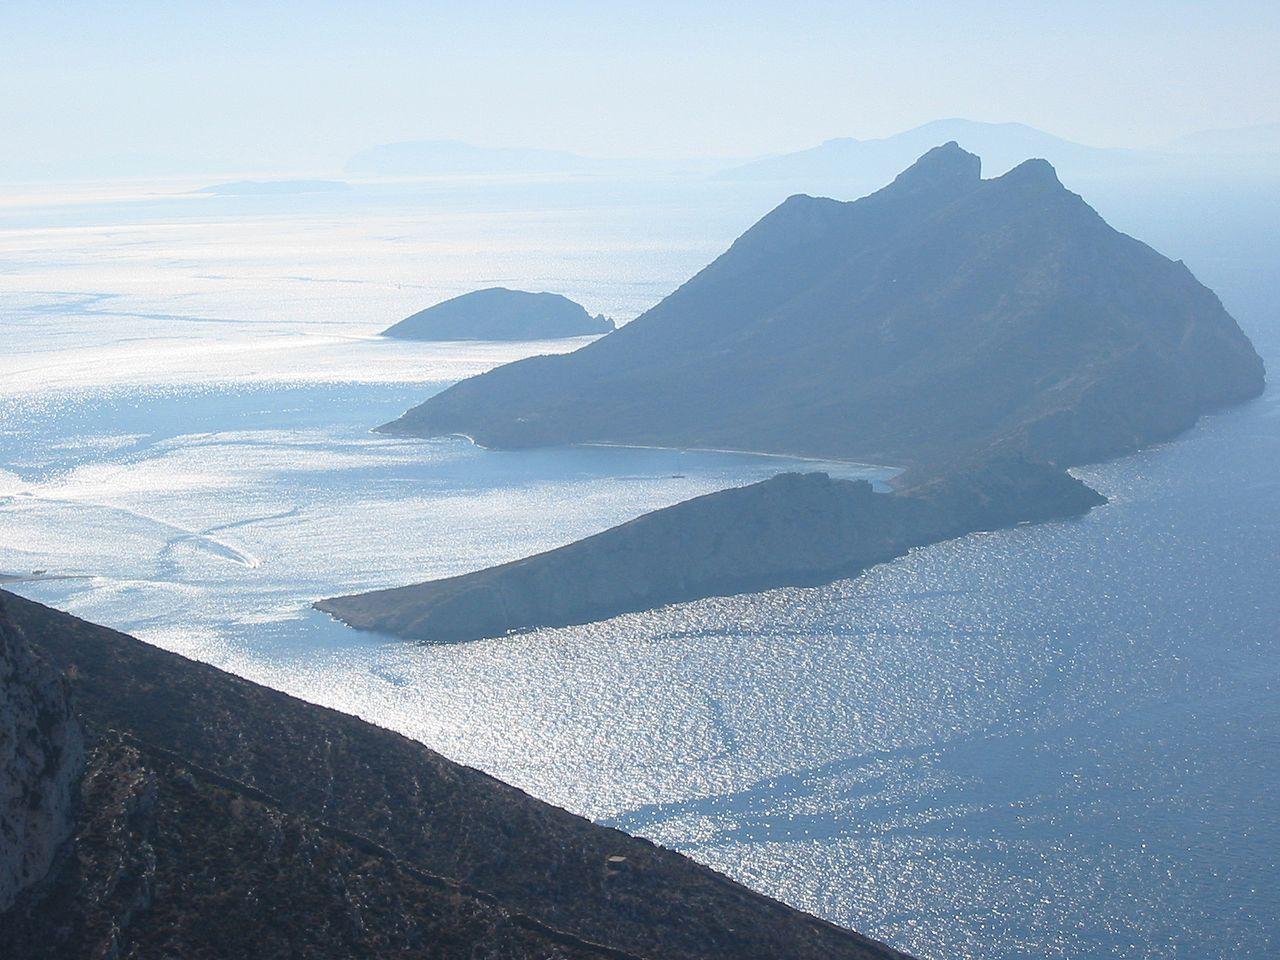 ang-island-ng-nikouria-secret-world